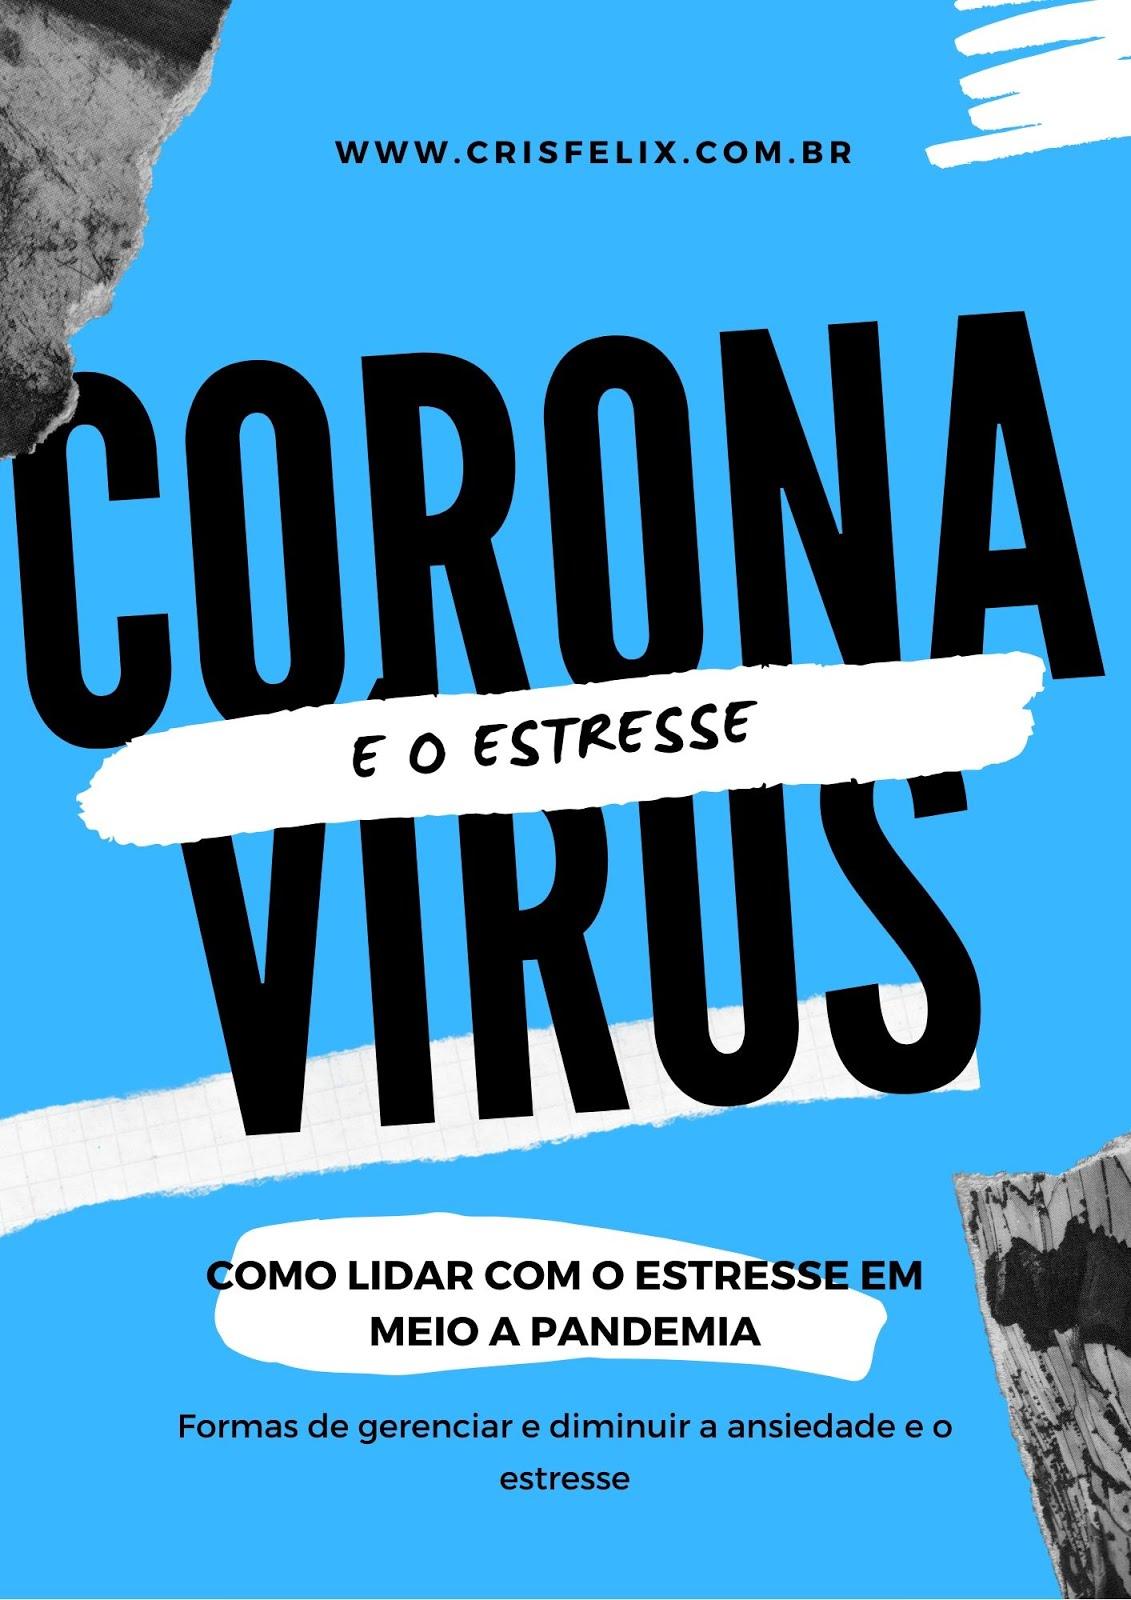 corona vírus, o que é corona vírus, como surgiu corona vírus, pico corona vírus, corona vírus Brasil, o que fazer pandemia, o que é pandemia